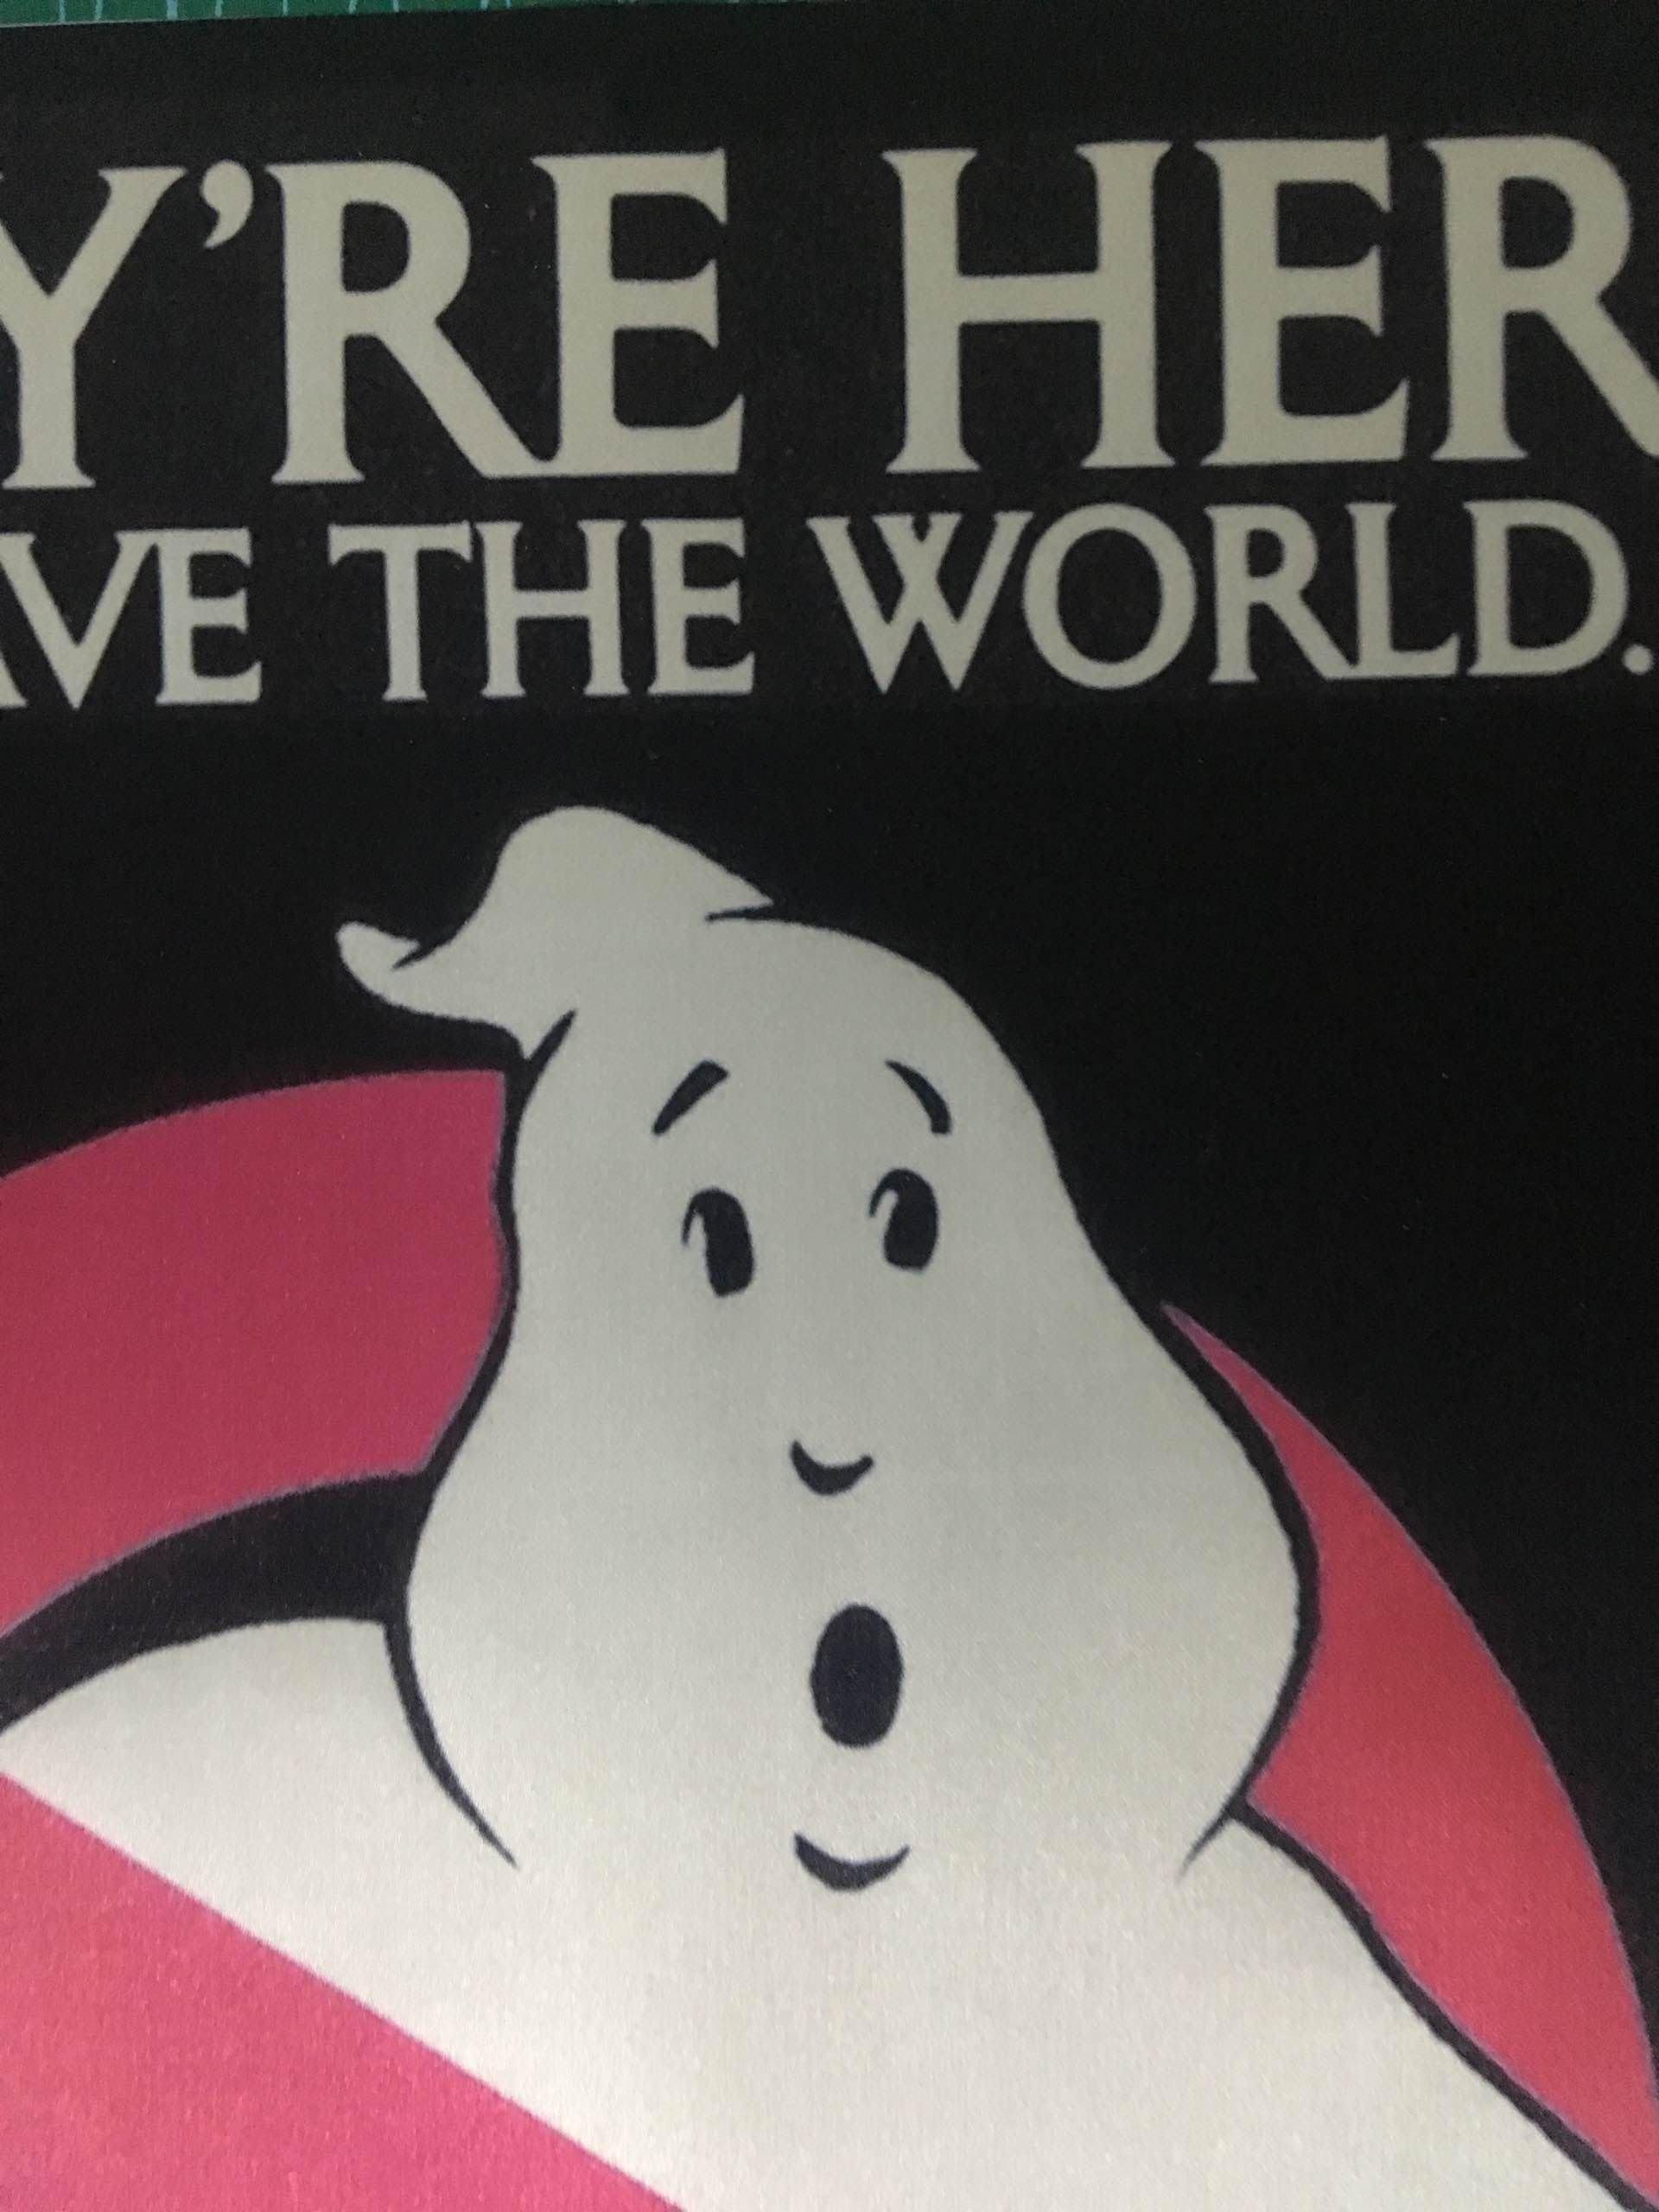 Ghostbusters Plakaty Filmowe I Druku Błyszczący Tkanina Jedwabna